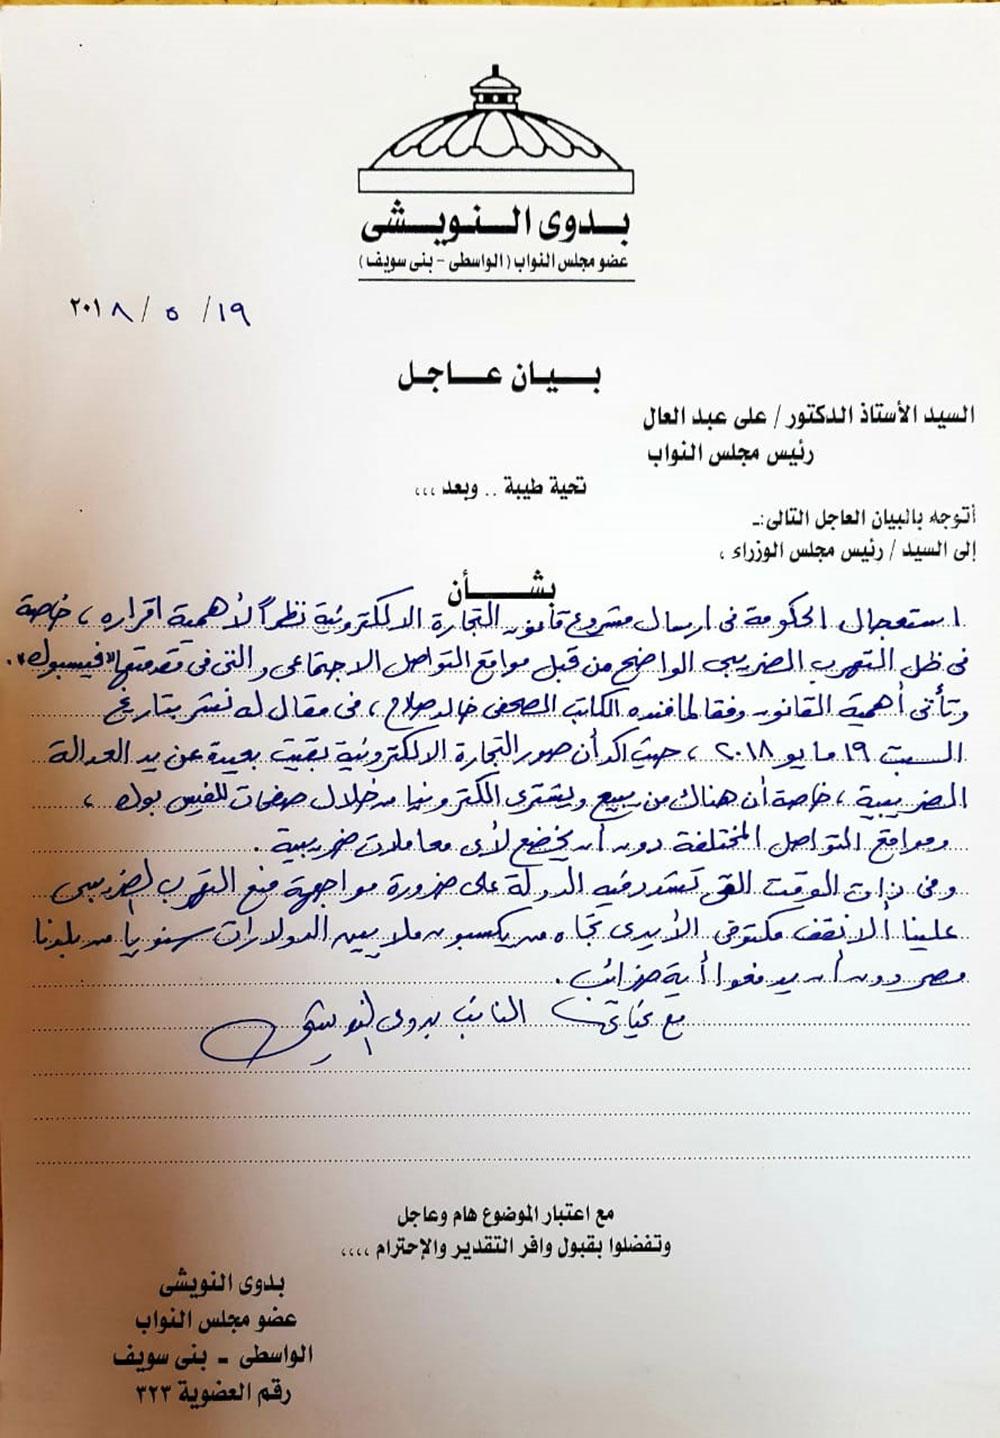 نص المذكرة البرلمانية المقدمة من النائب